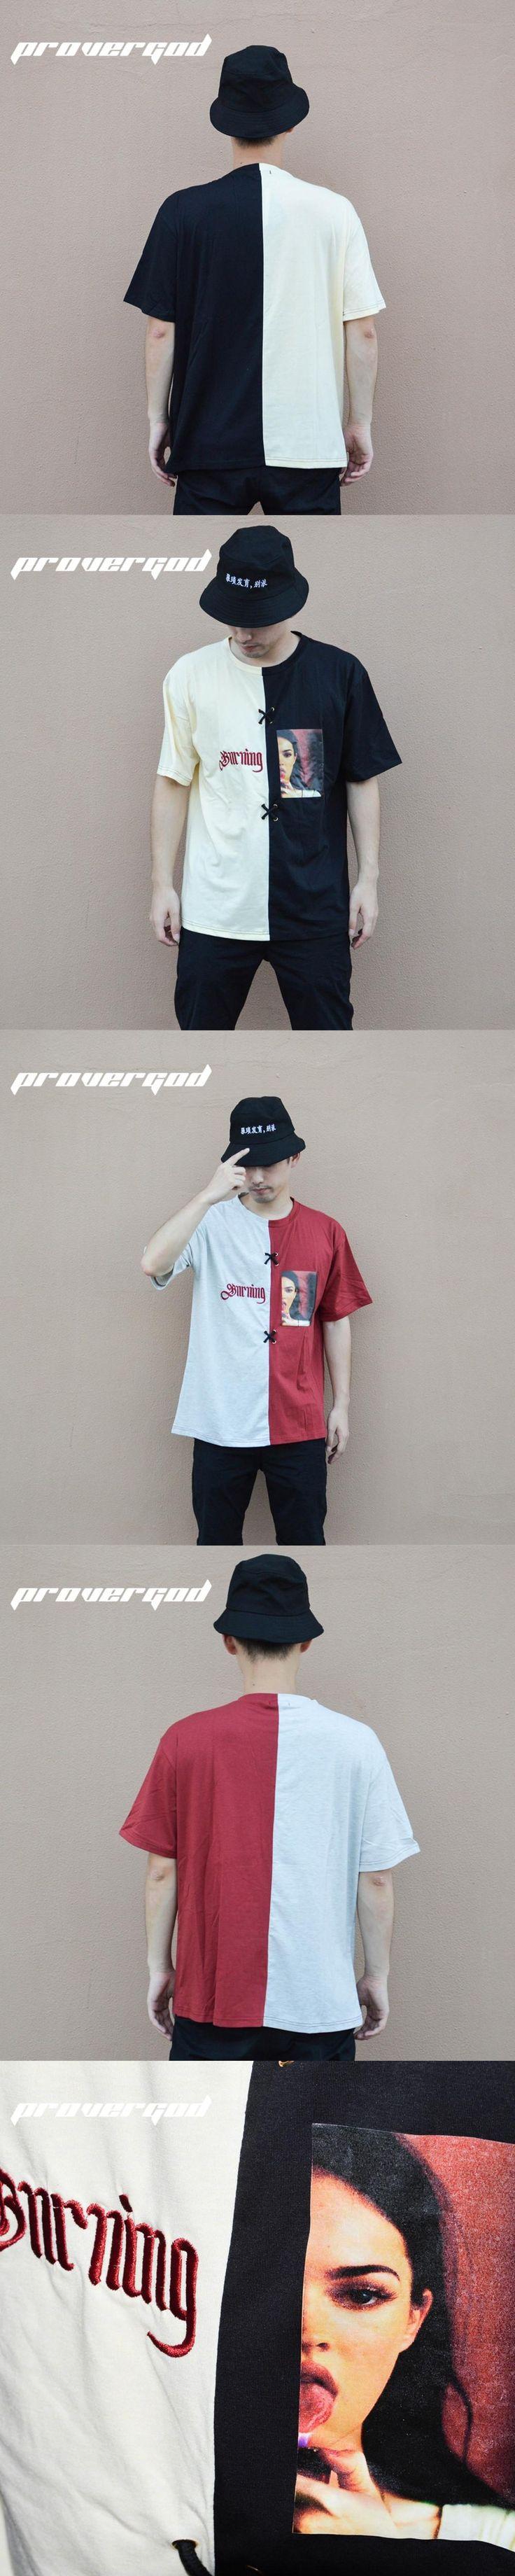 PROVERGOD Fashion Patchwork T Shirt Men Contrast Color Tape Design T-shirt Hip Hop Skateboards Clothing Oversize